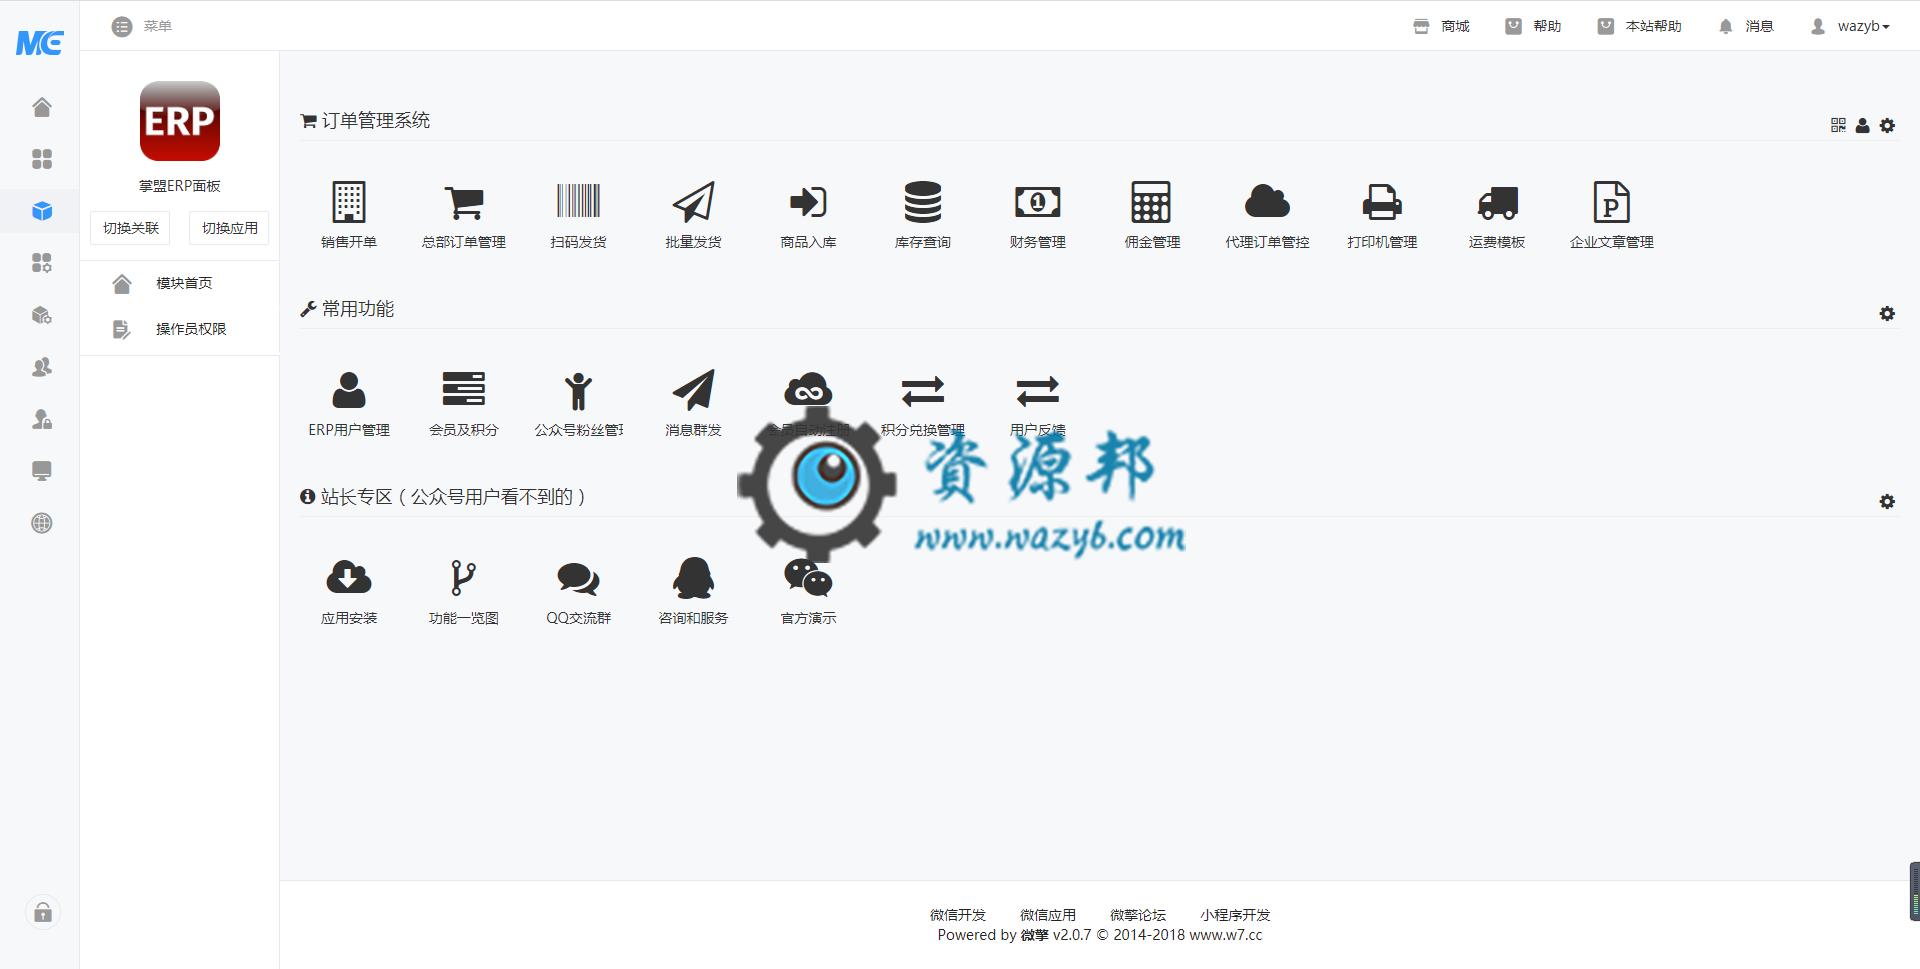 【公众号应用】订单管理系统V1.3.2源码安装包,更新UI,新加功能 公众号应用 第3张